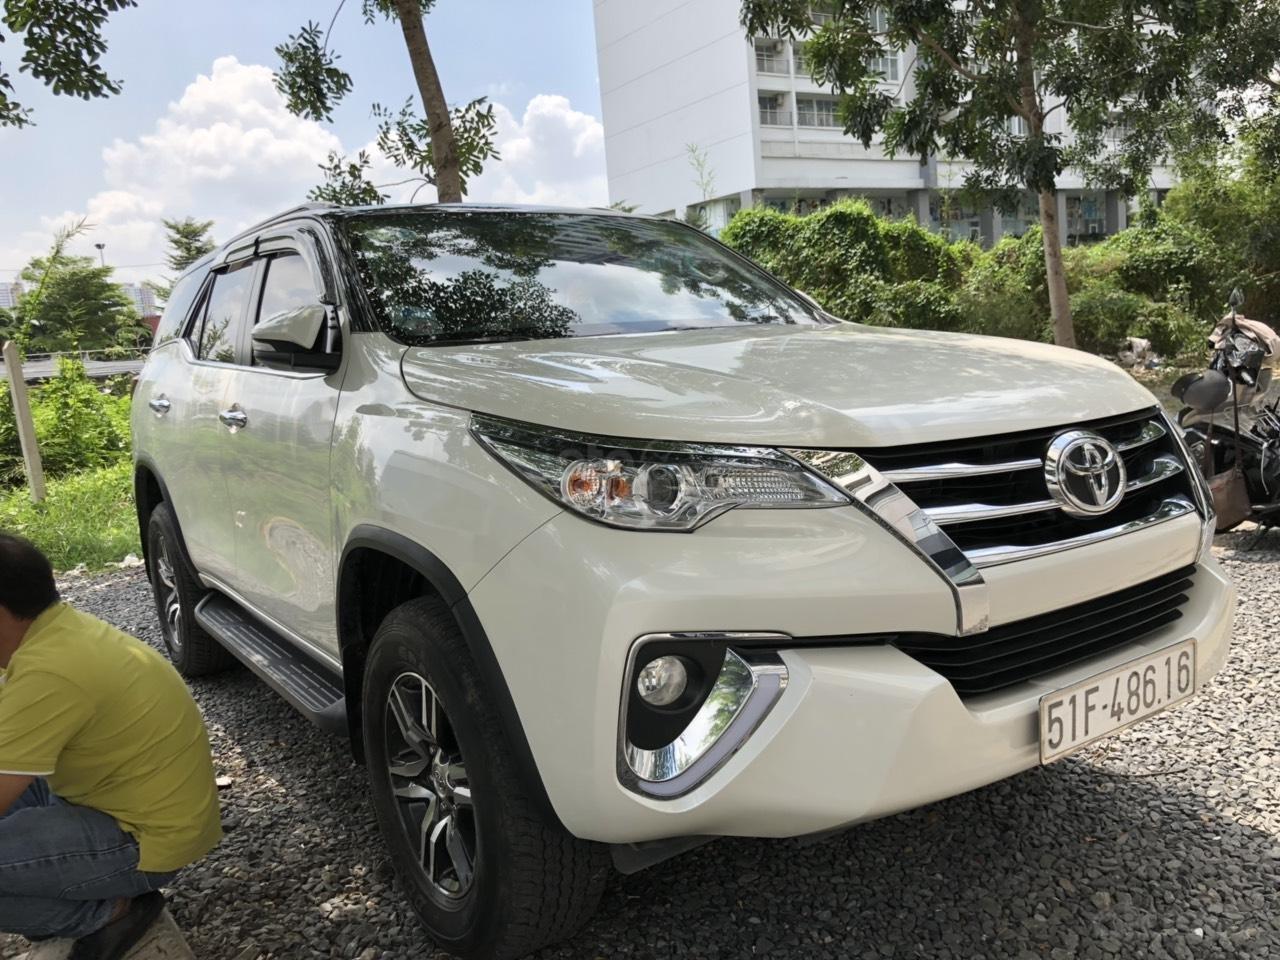 City Ford Used Car bán Toyota Fortuner 2.7V (4x2) năm 2017 nhập khẩu trả góp, xe còn bảo hành hãng (13)